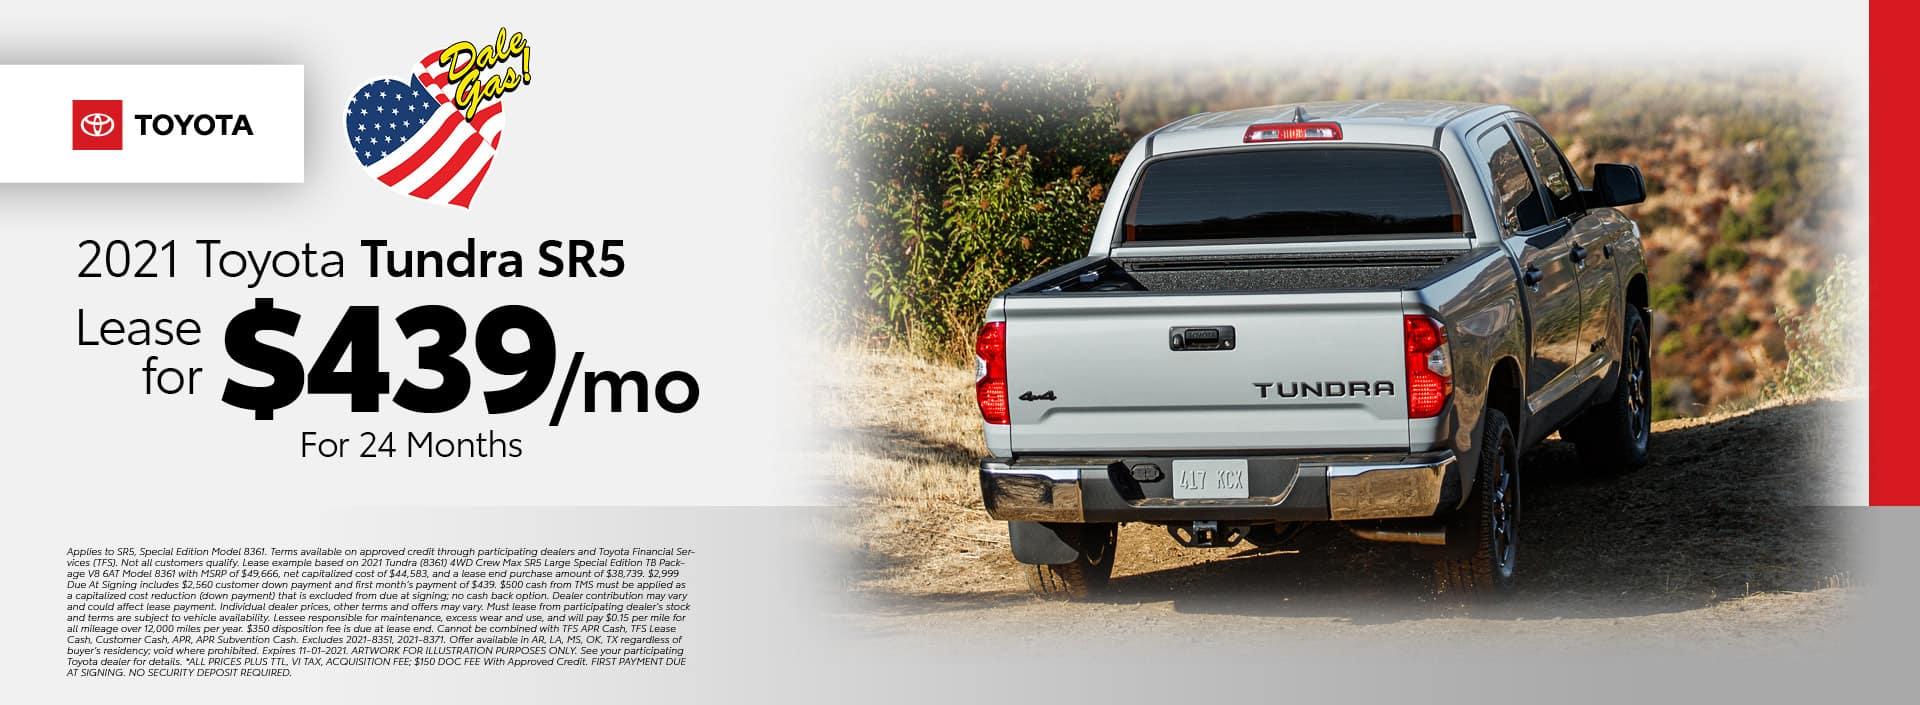 2021 Toyota Tundra SR5 Offer - October 2021